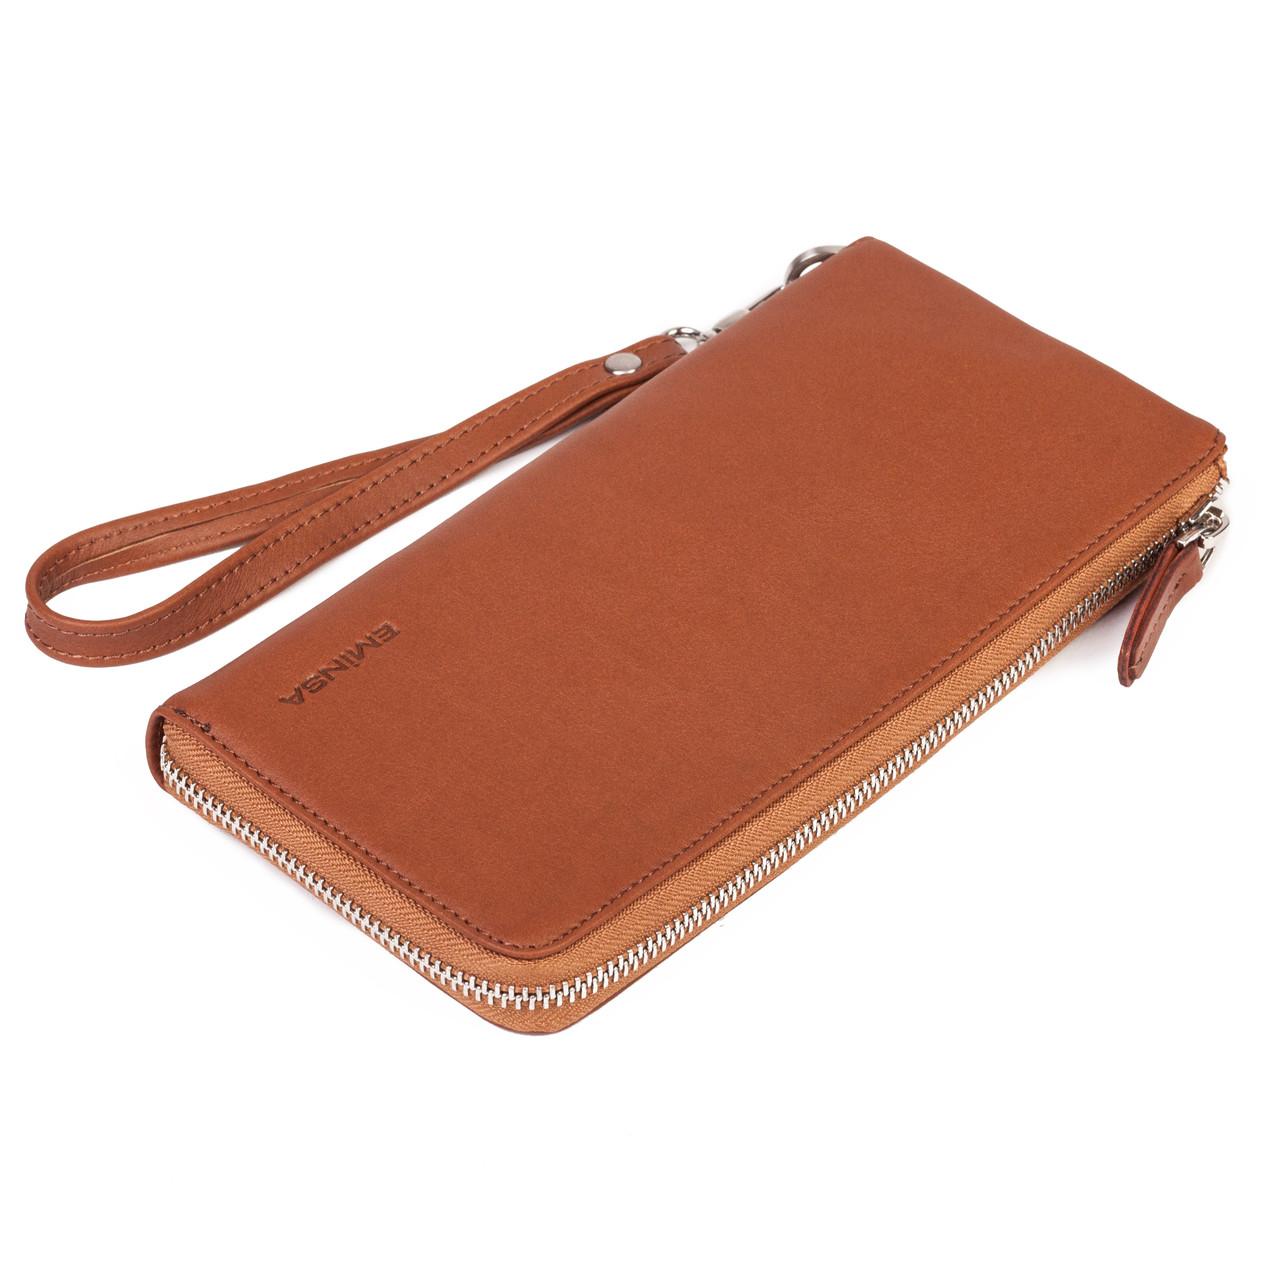 Женский кошелек Eminsa 2104-3-2 кожаный светло-коричневый